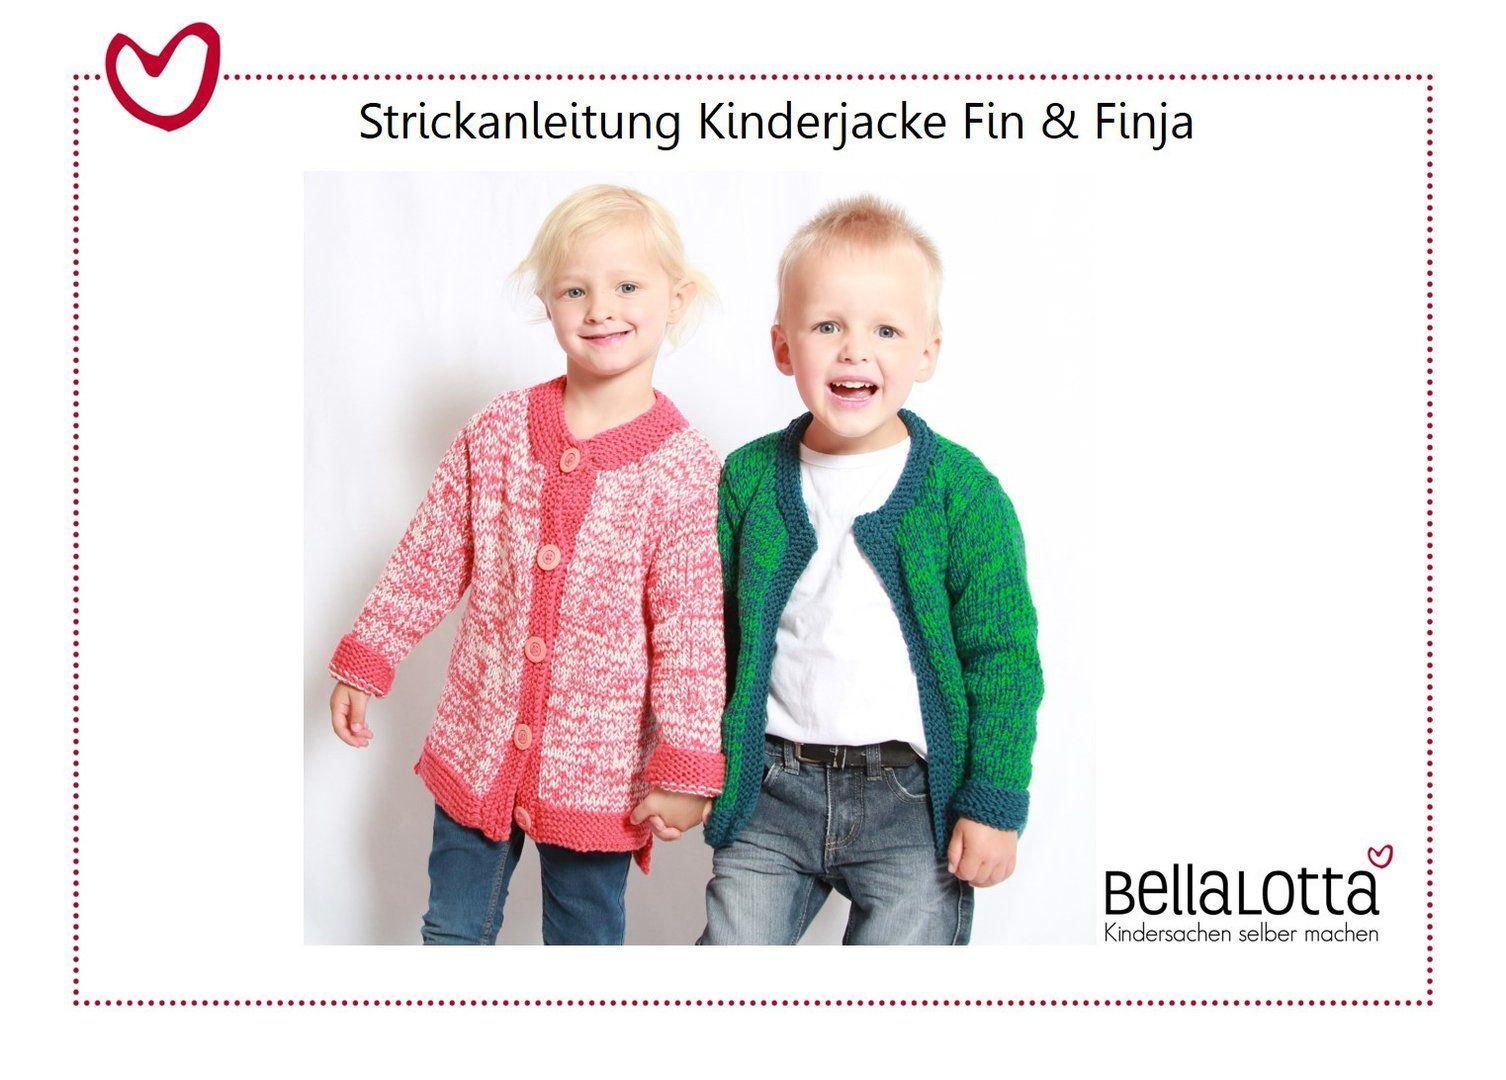 Strickanleitung Kinderjacke Fin und Finja, Gr.98-128, für Anfänger ...